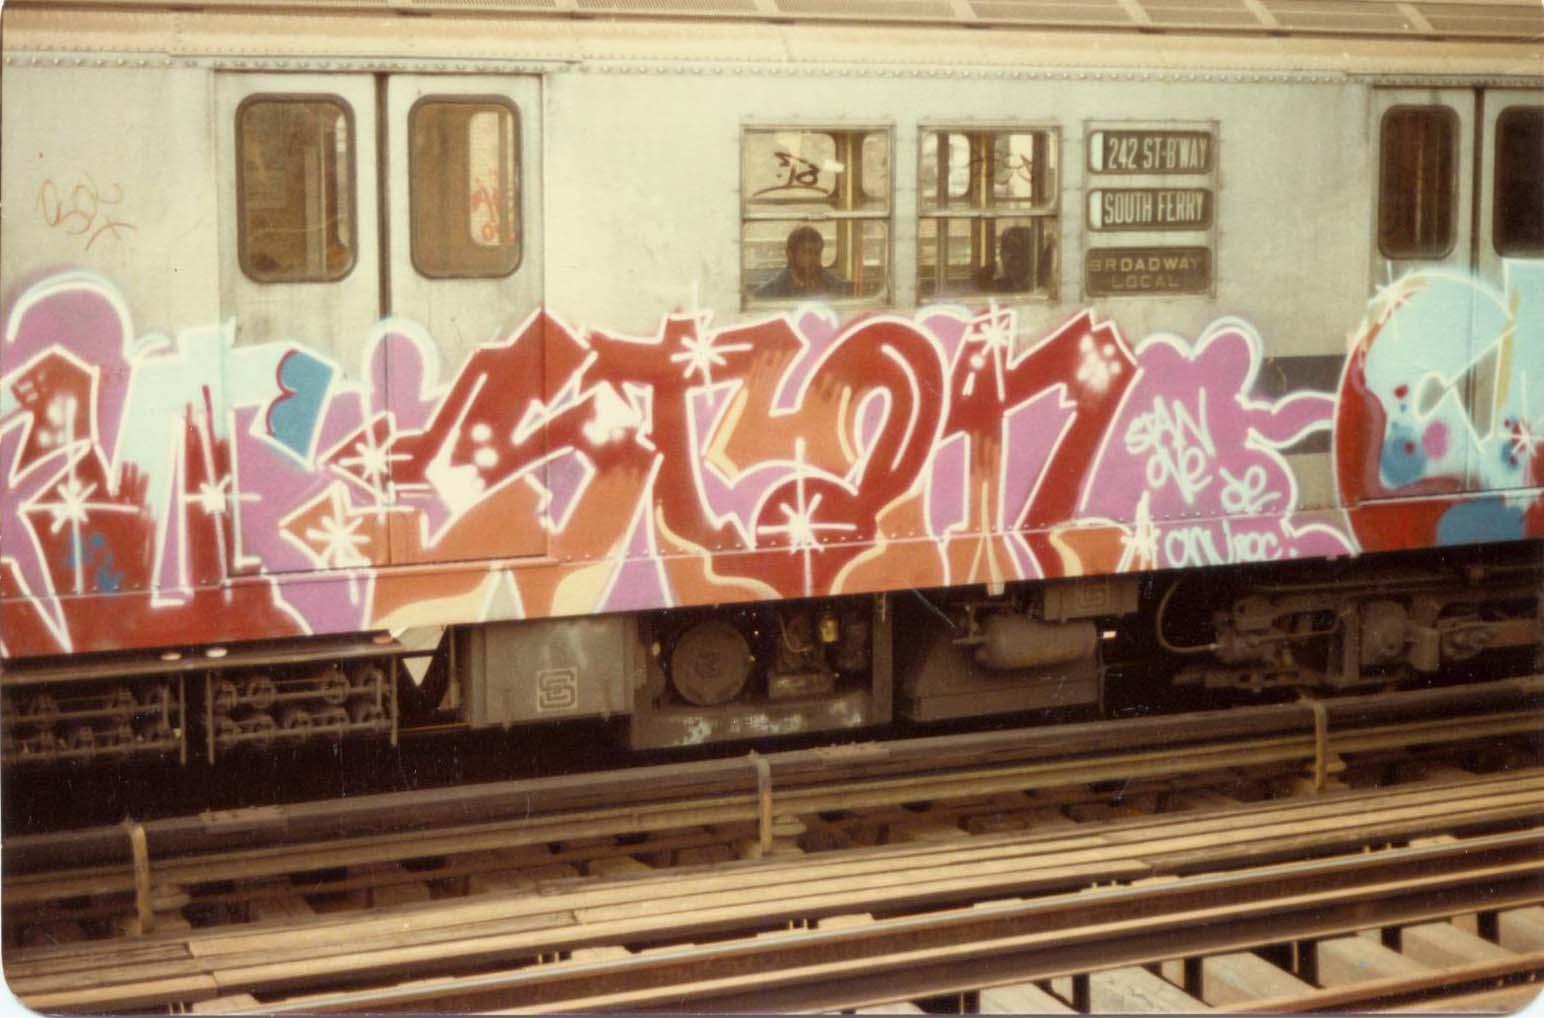 E94D4AB0-81FA-4AD4-A9C2-764993A7FAA5.jpeg